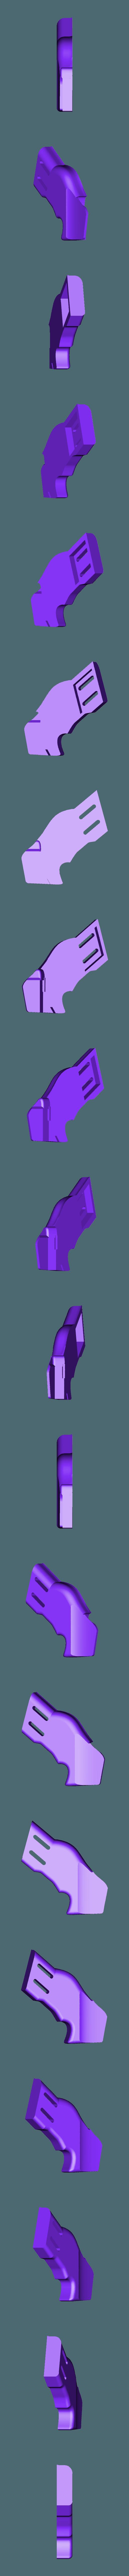 STL_S5_v20_Grip_1_.stl Télécharger fichier STL gratuit Pistolet Star Wars Naboo S5 Heavy Blaster • Objet pour impression 3D, Dsk